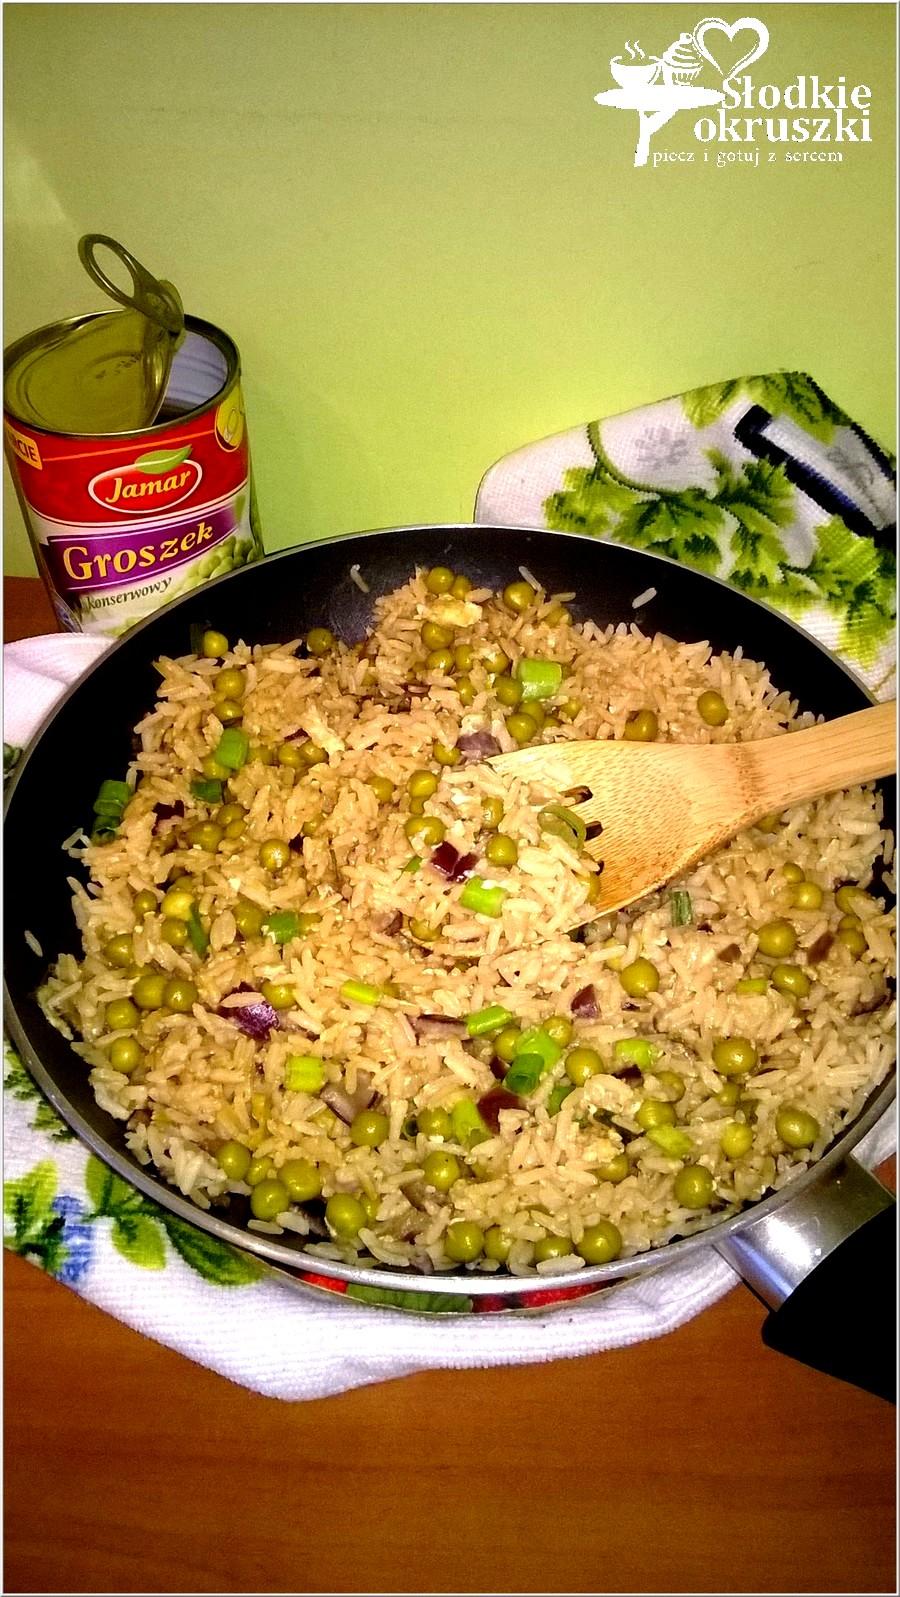 Smażony ryż z jajkiem i zielonym groszkiem (2)